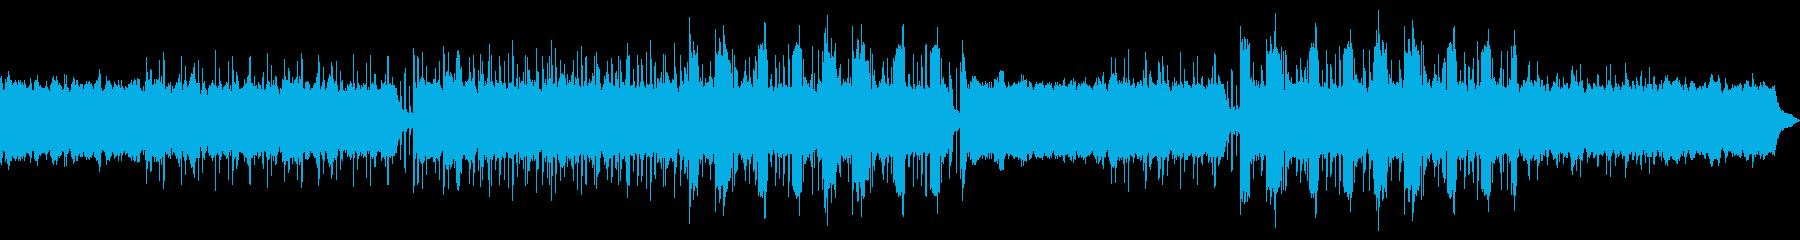 ノスタルジック 深夜 トラップソウルの再生済みの波形